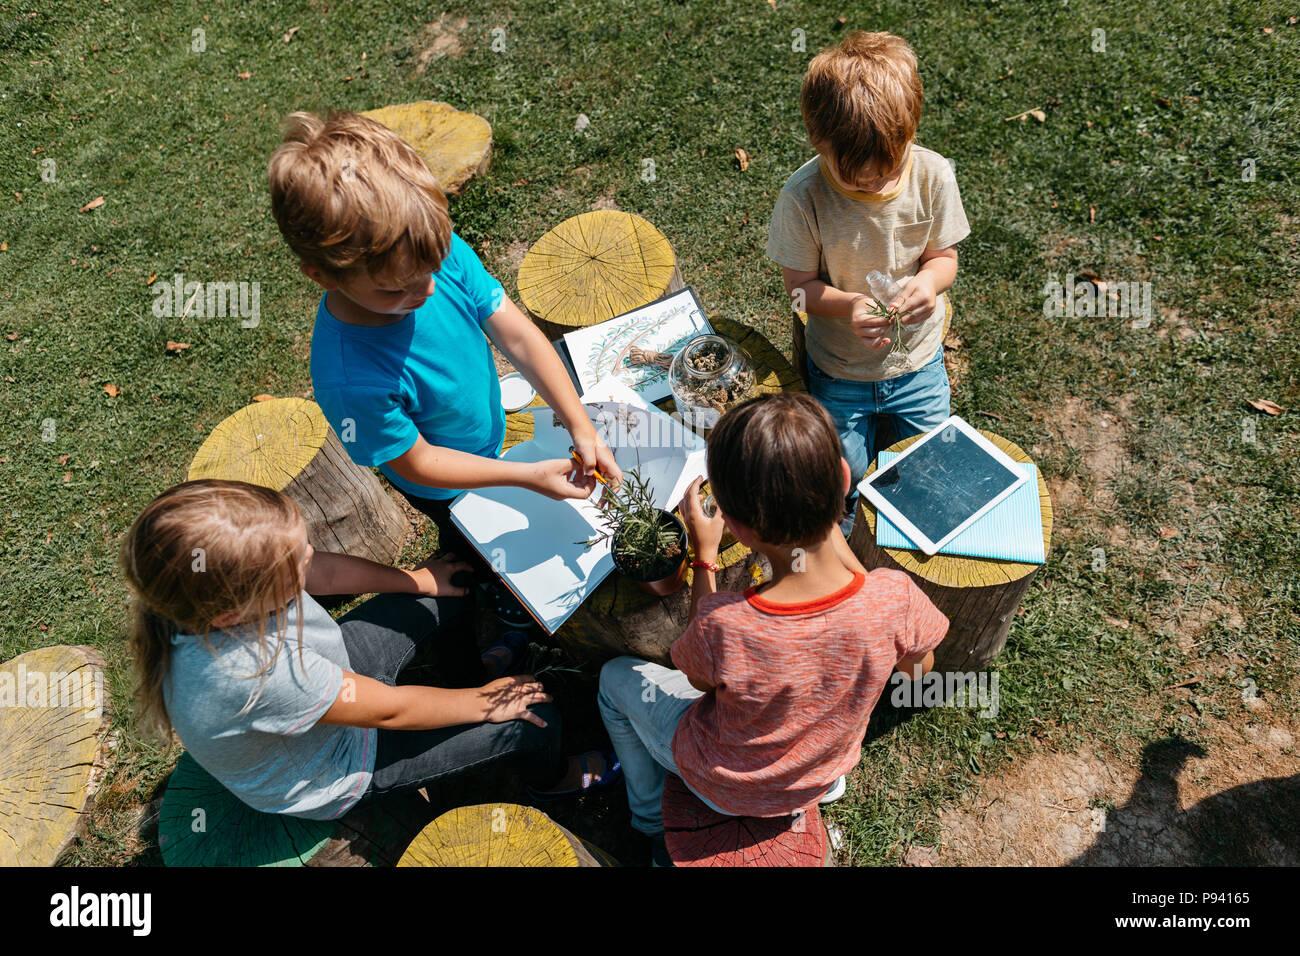 Un gruppo di compagni di scuola imparare insieme a una scienza naturale lezione al di fuori in un giardino. Vista dall'alto di bambini che hanno collaborato su un progetto scolastico. Foto Stock